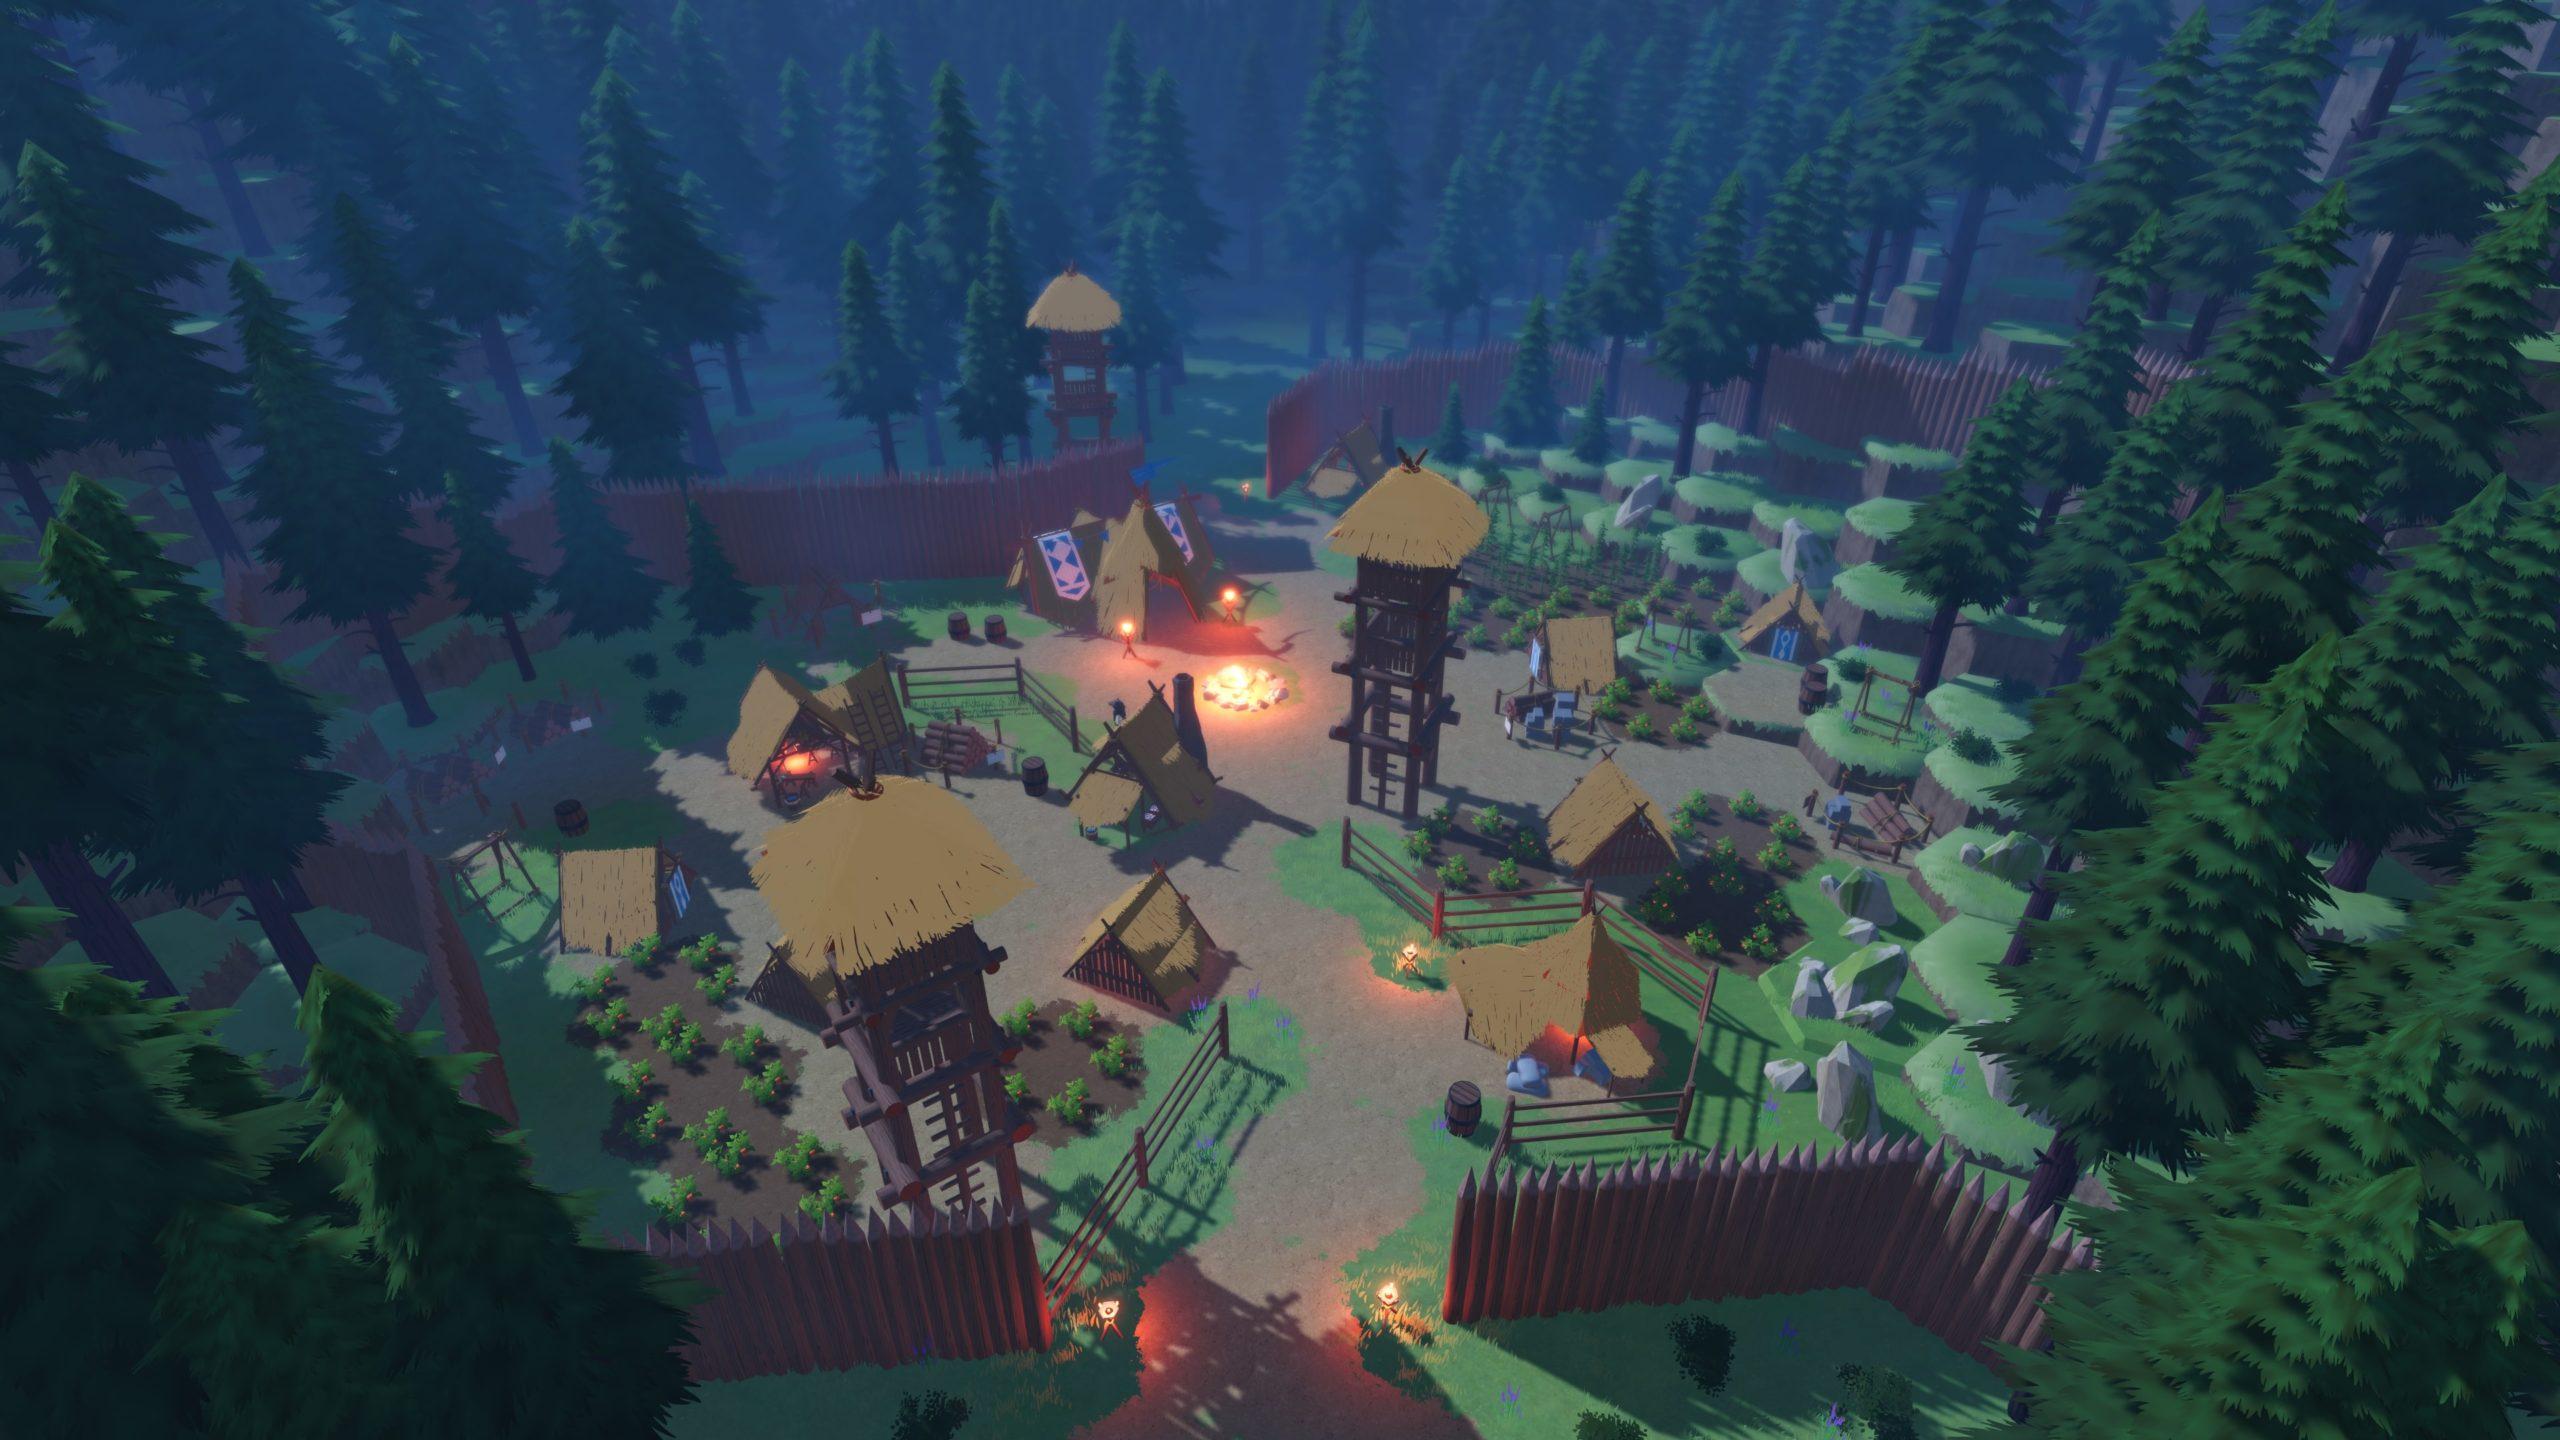 Představeno pohledné survival MMO s názvem Bitcraft Valley scaled